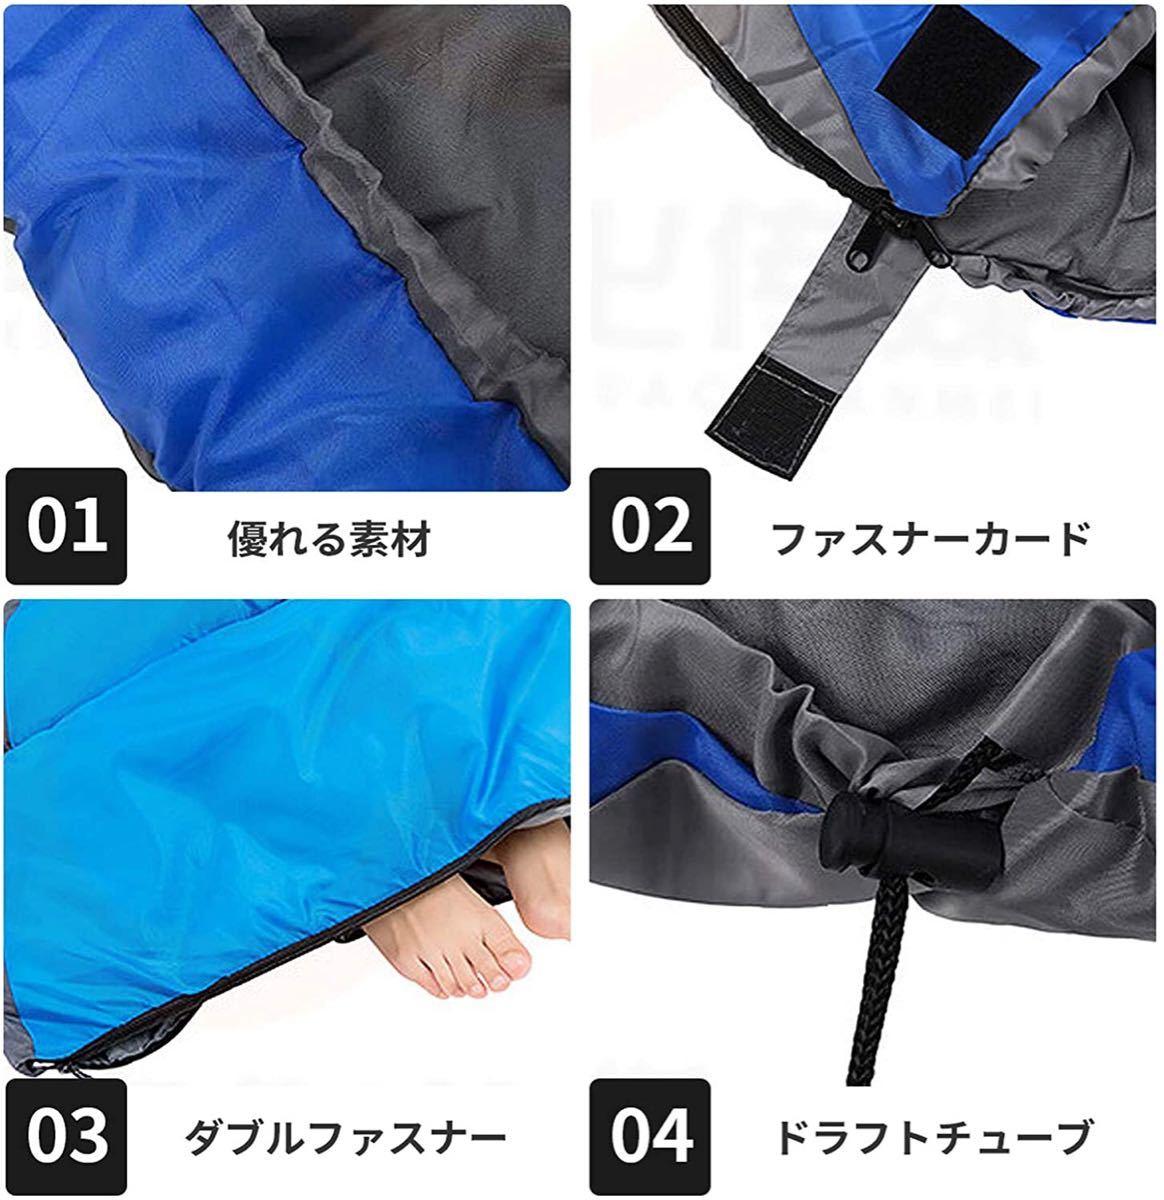 寝袋 シュラフ 封筒型 軽量 保温 210T防水 コンパクト アウトドア